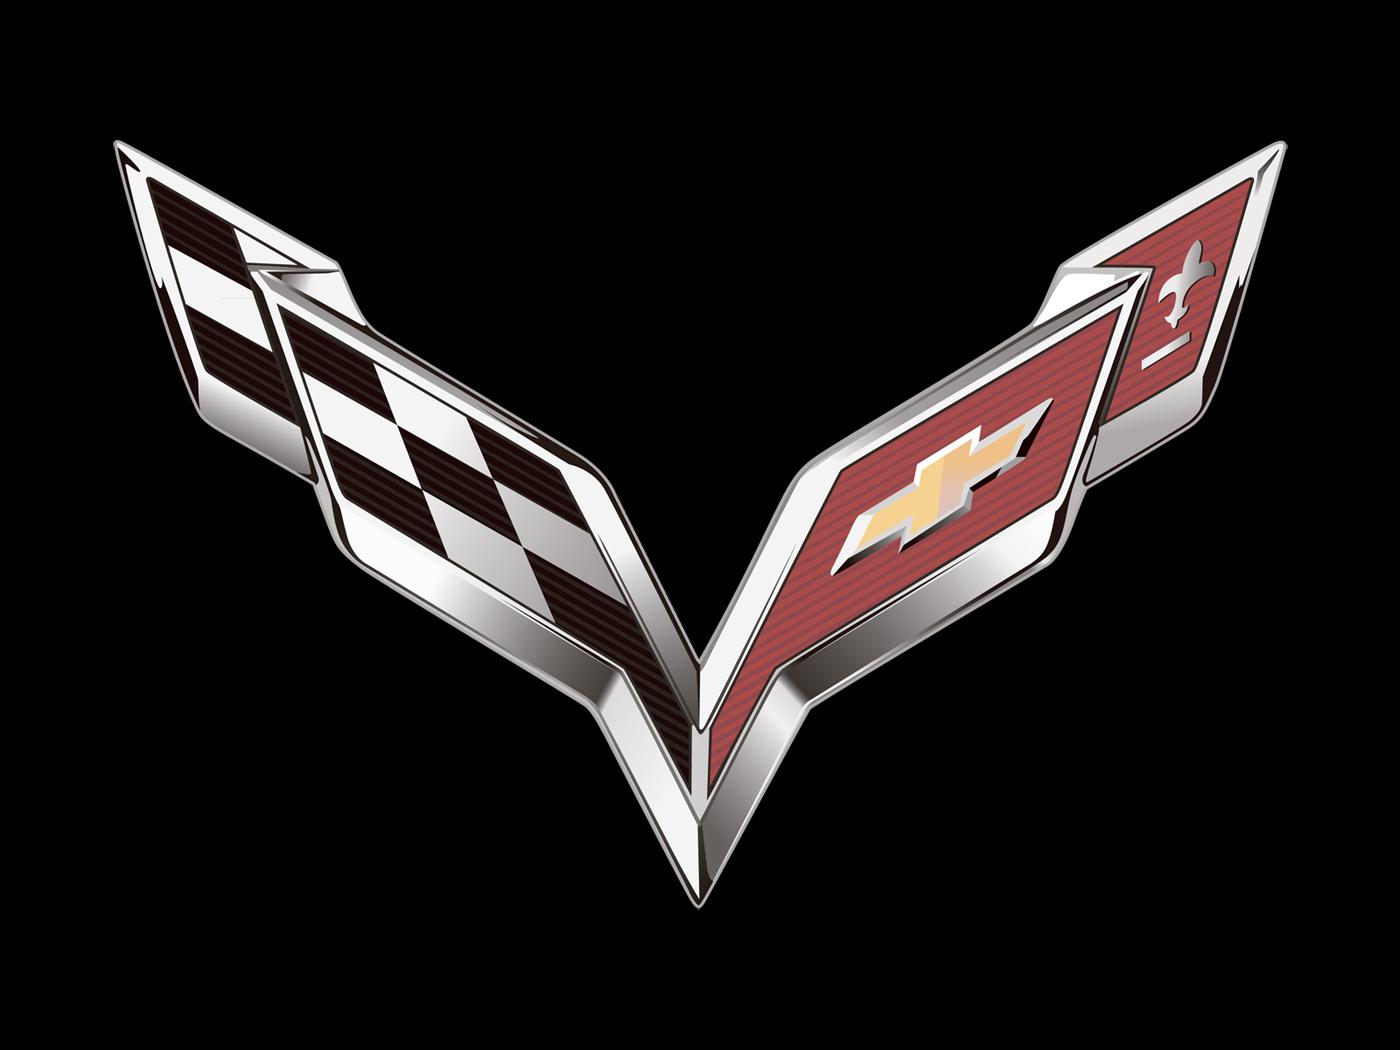 Nouveau drapeau pour Voiture Corvette Racing Bannière Drapeaux 3x5ft Publicité decor